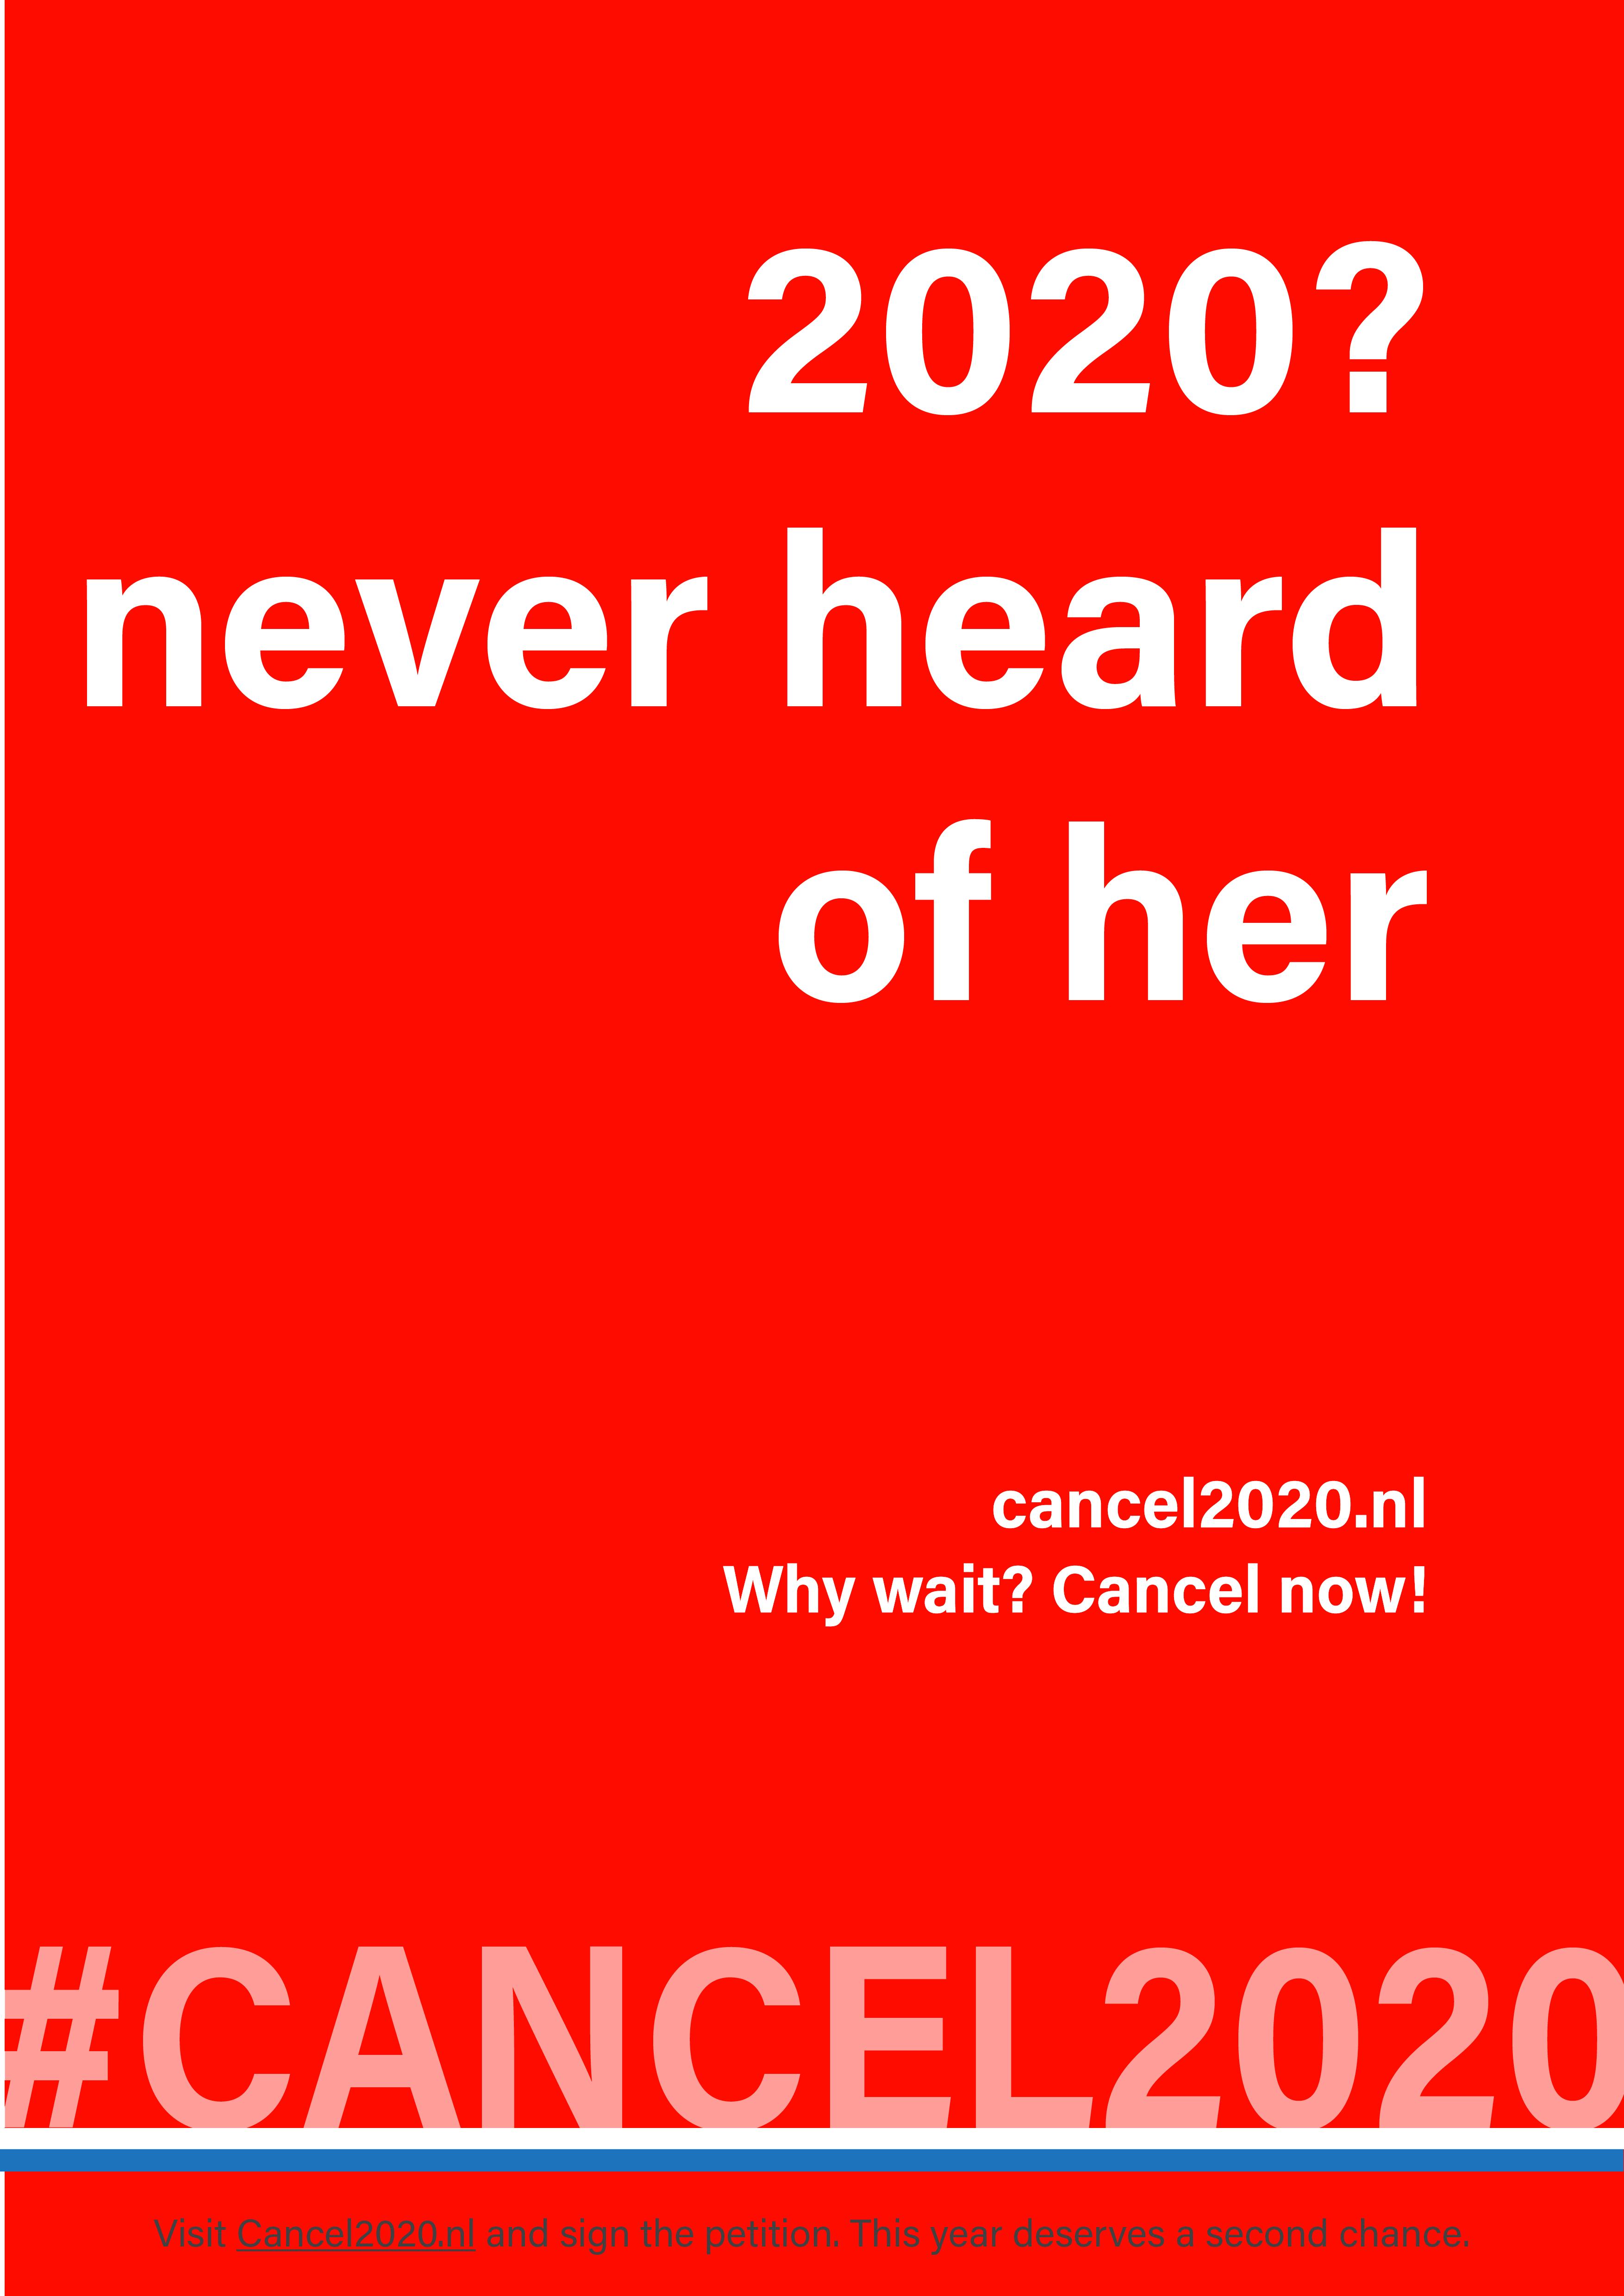 Cancel 2020 quotes-04